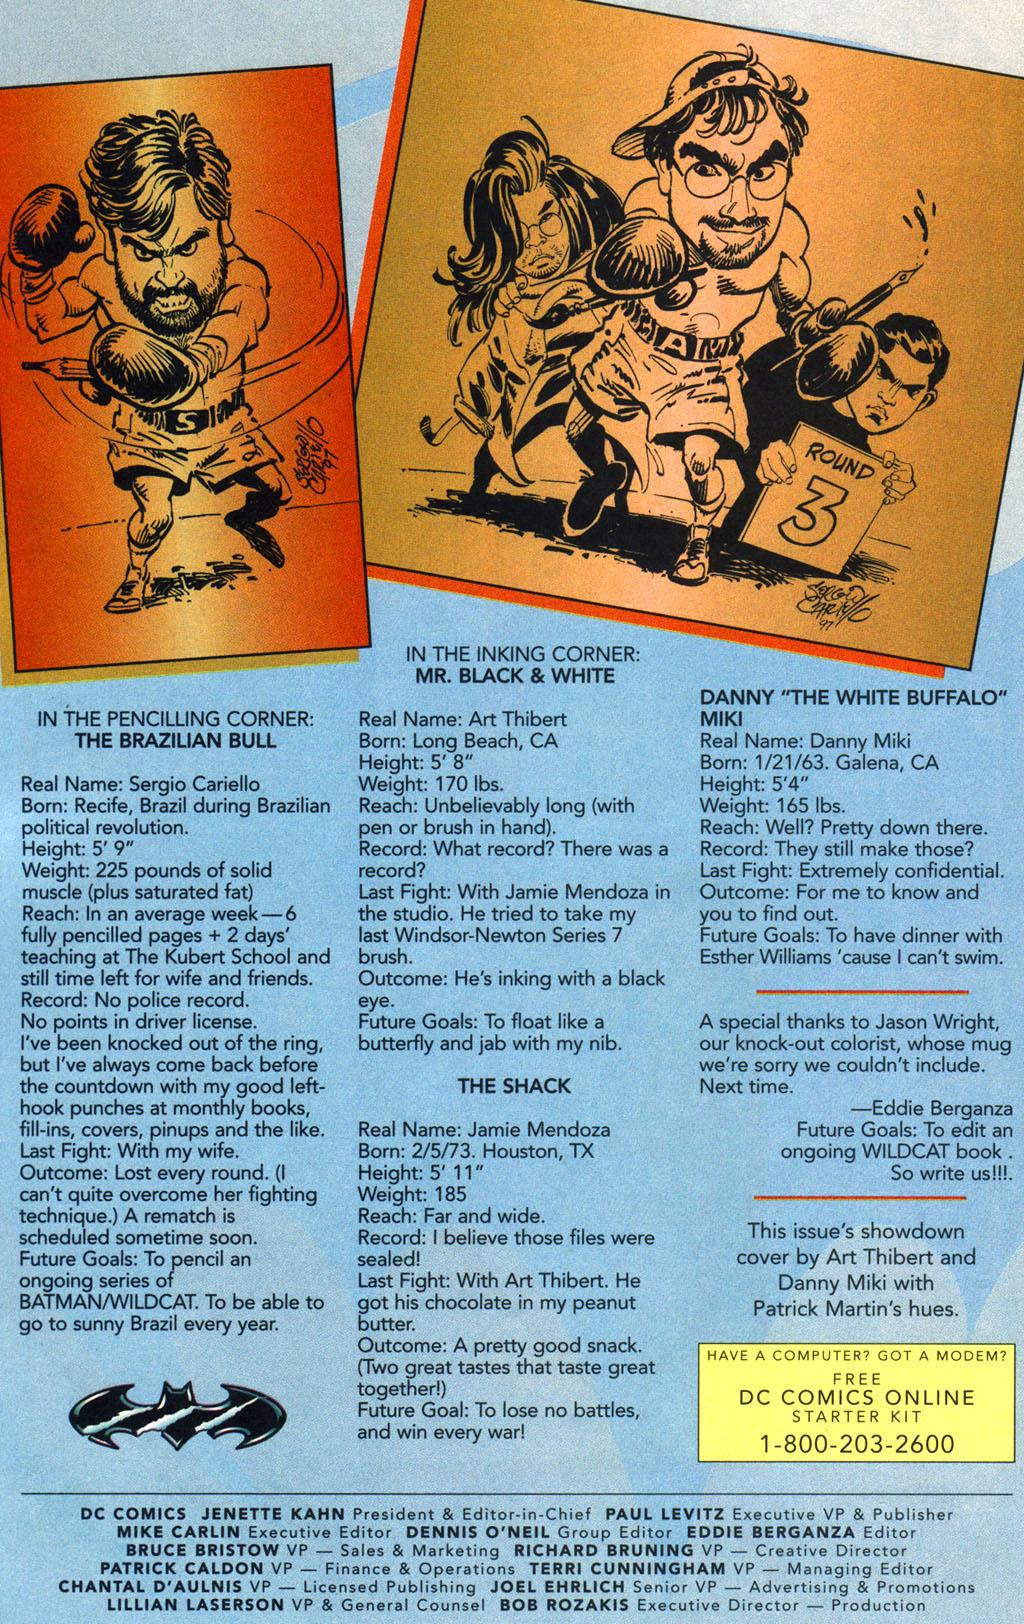 Read online Batman/Wildcat comic -  Issue #3 - 24